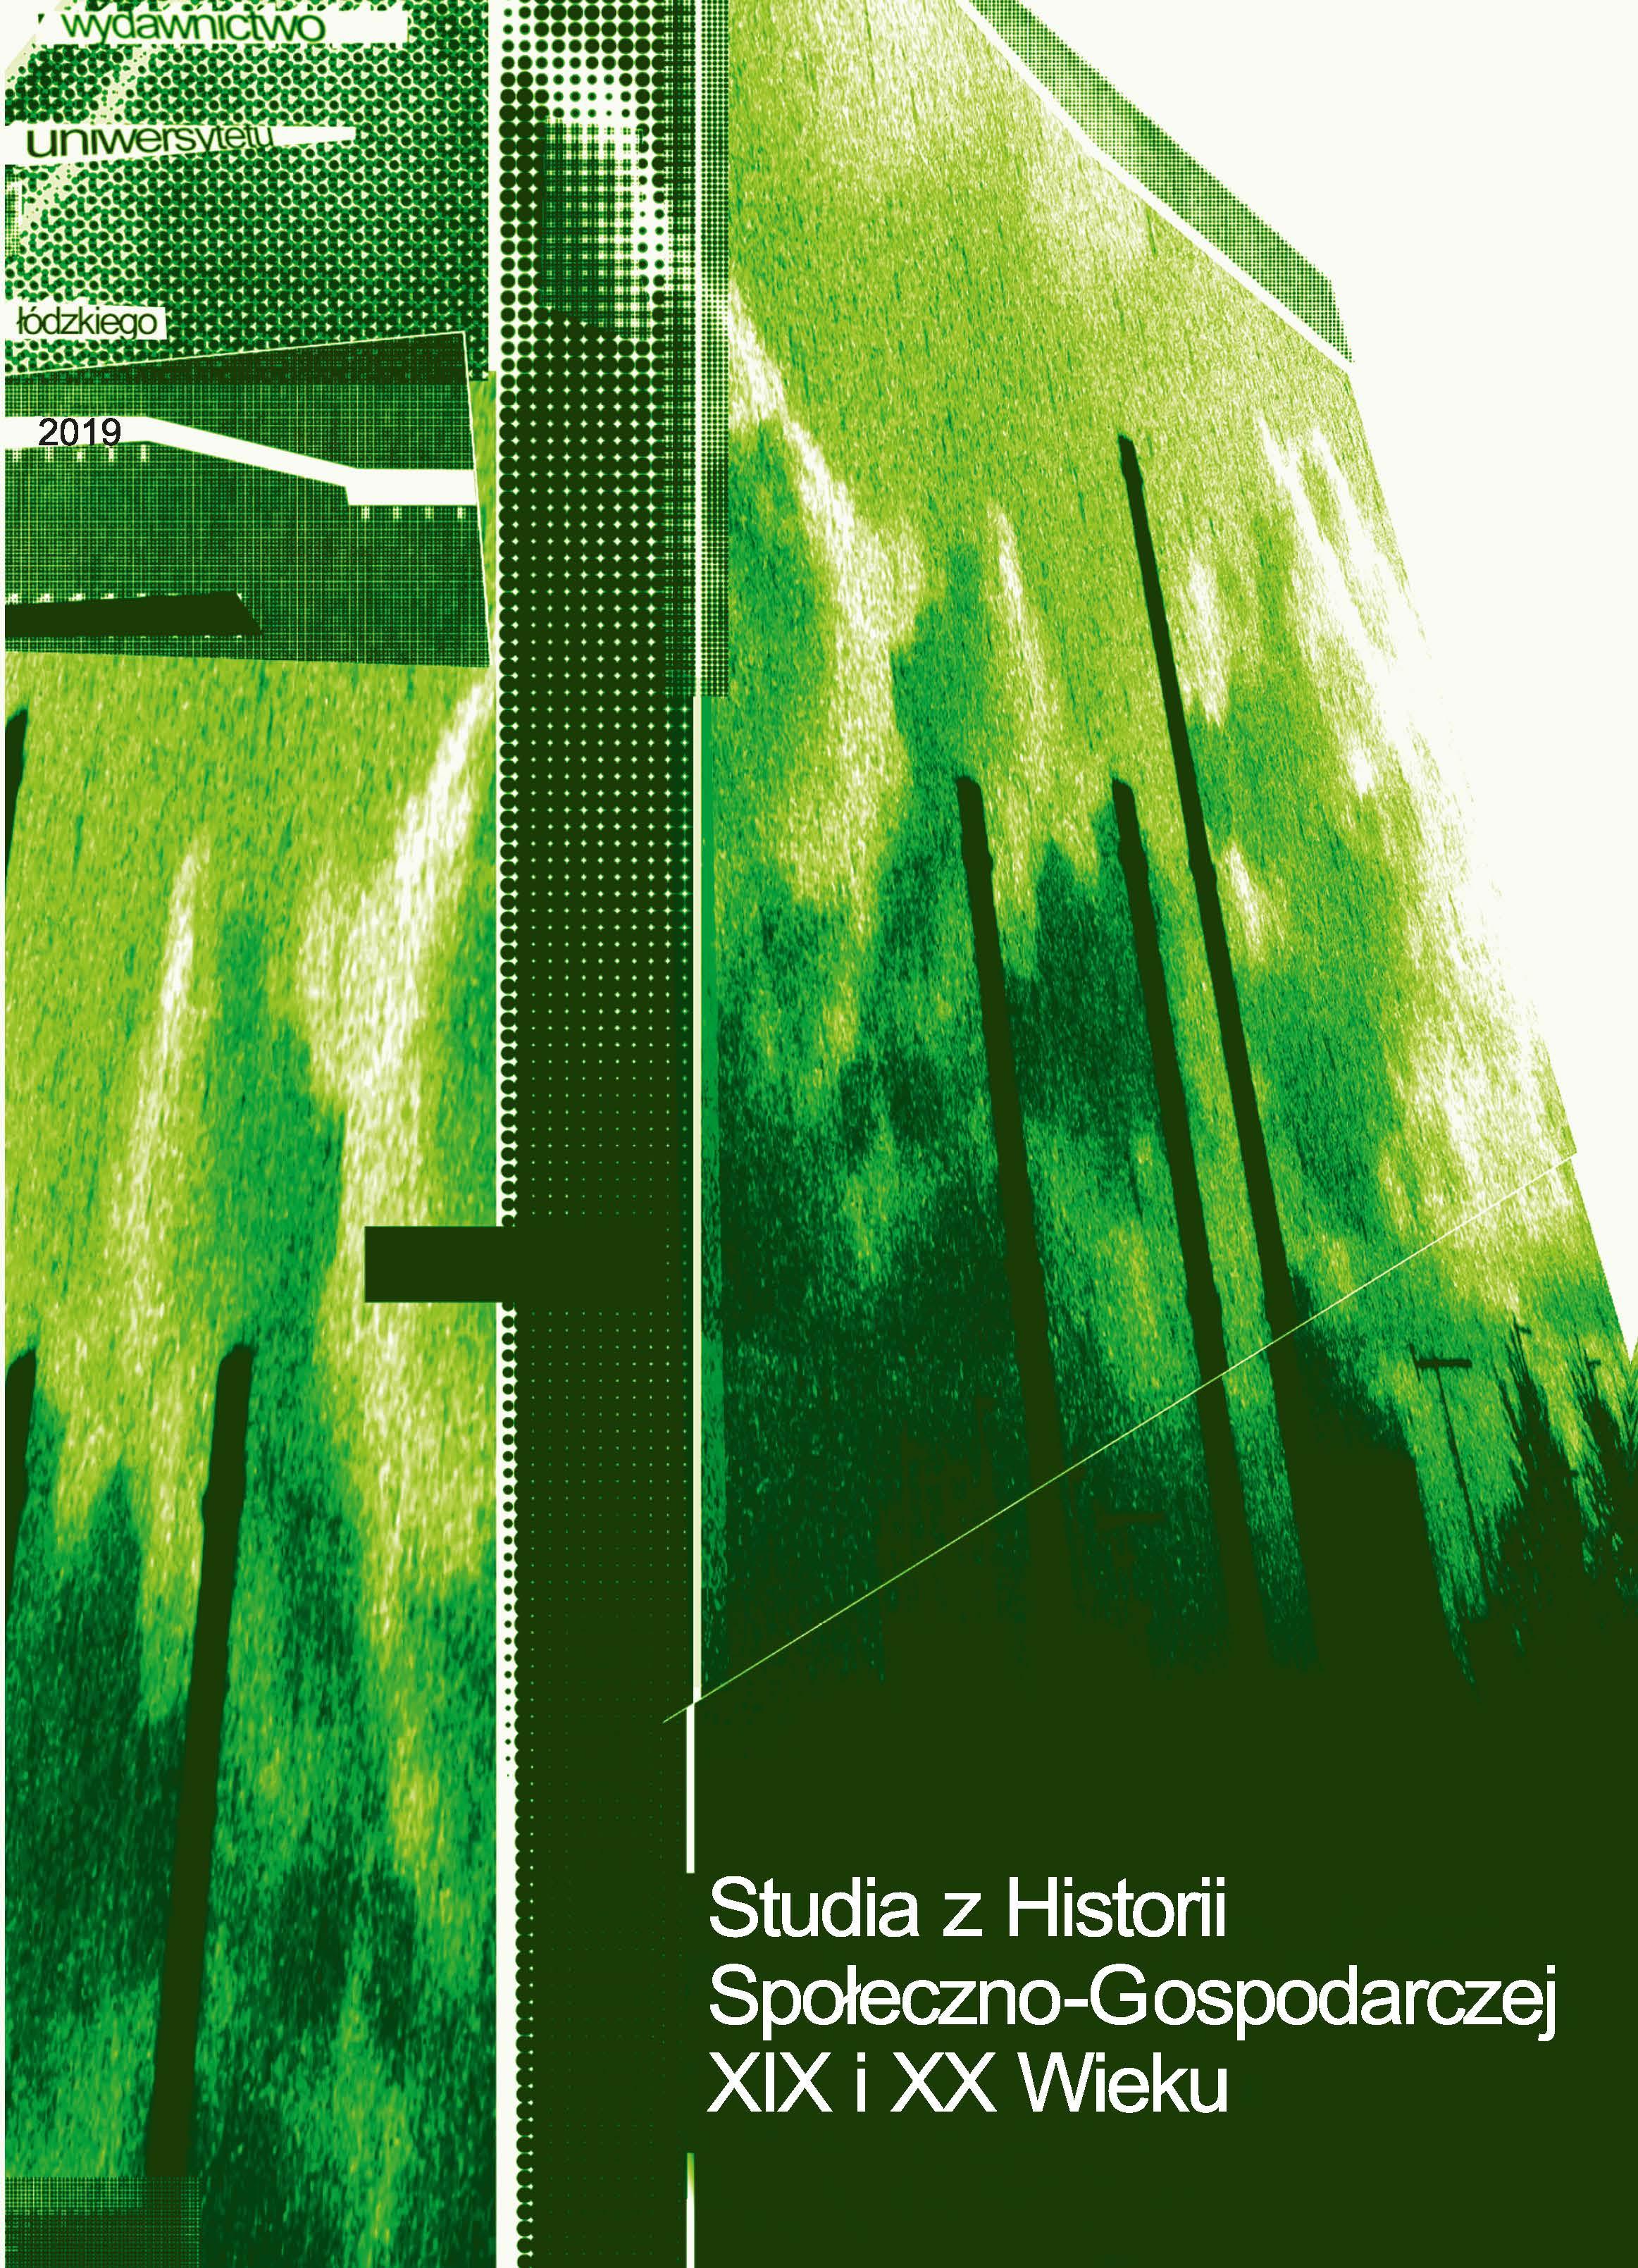 Wyświetl 2019: Tom 21-22: Witold Kula, Charakter społeczno-gospodarczy miast powiatu łódzkiego i łęczyckiego 1807–1869